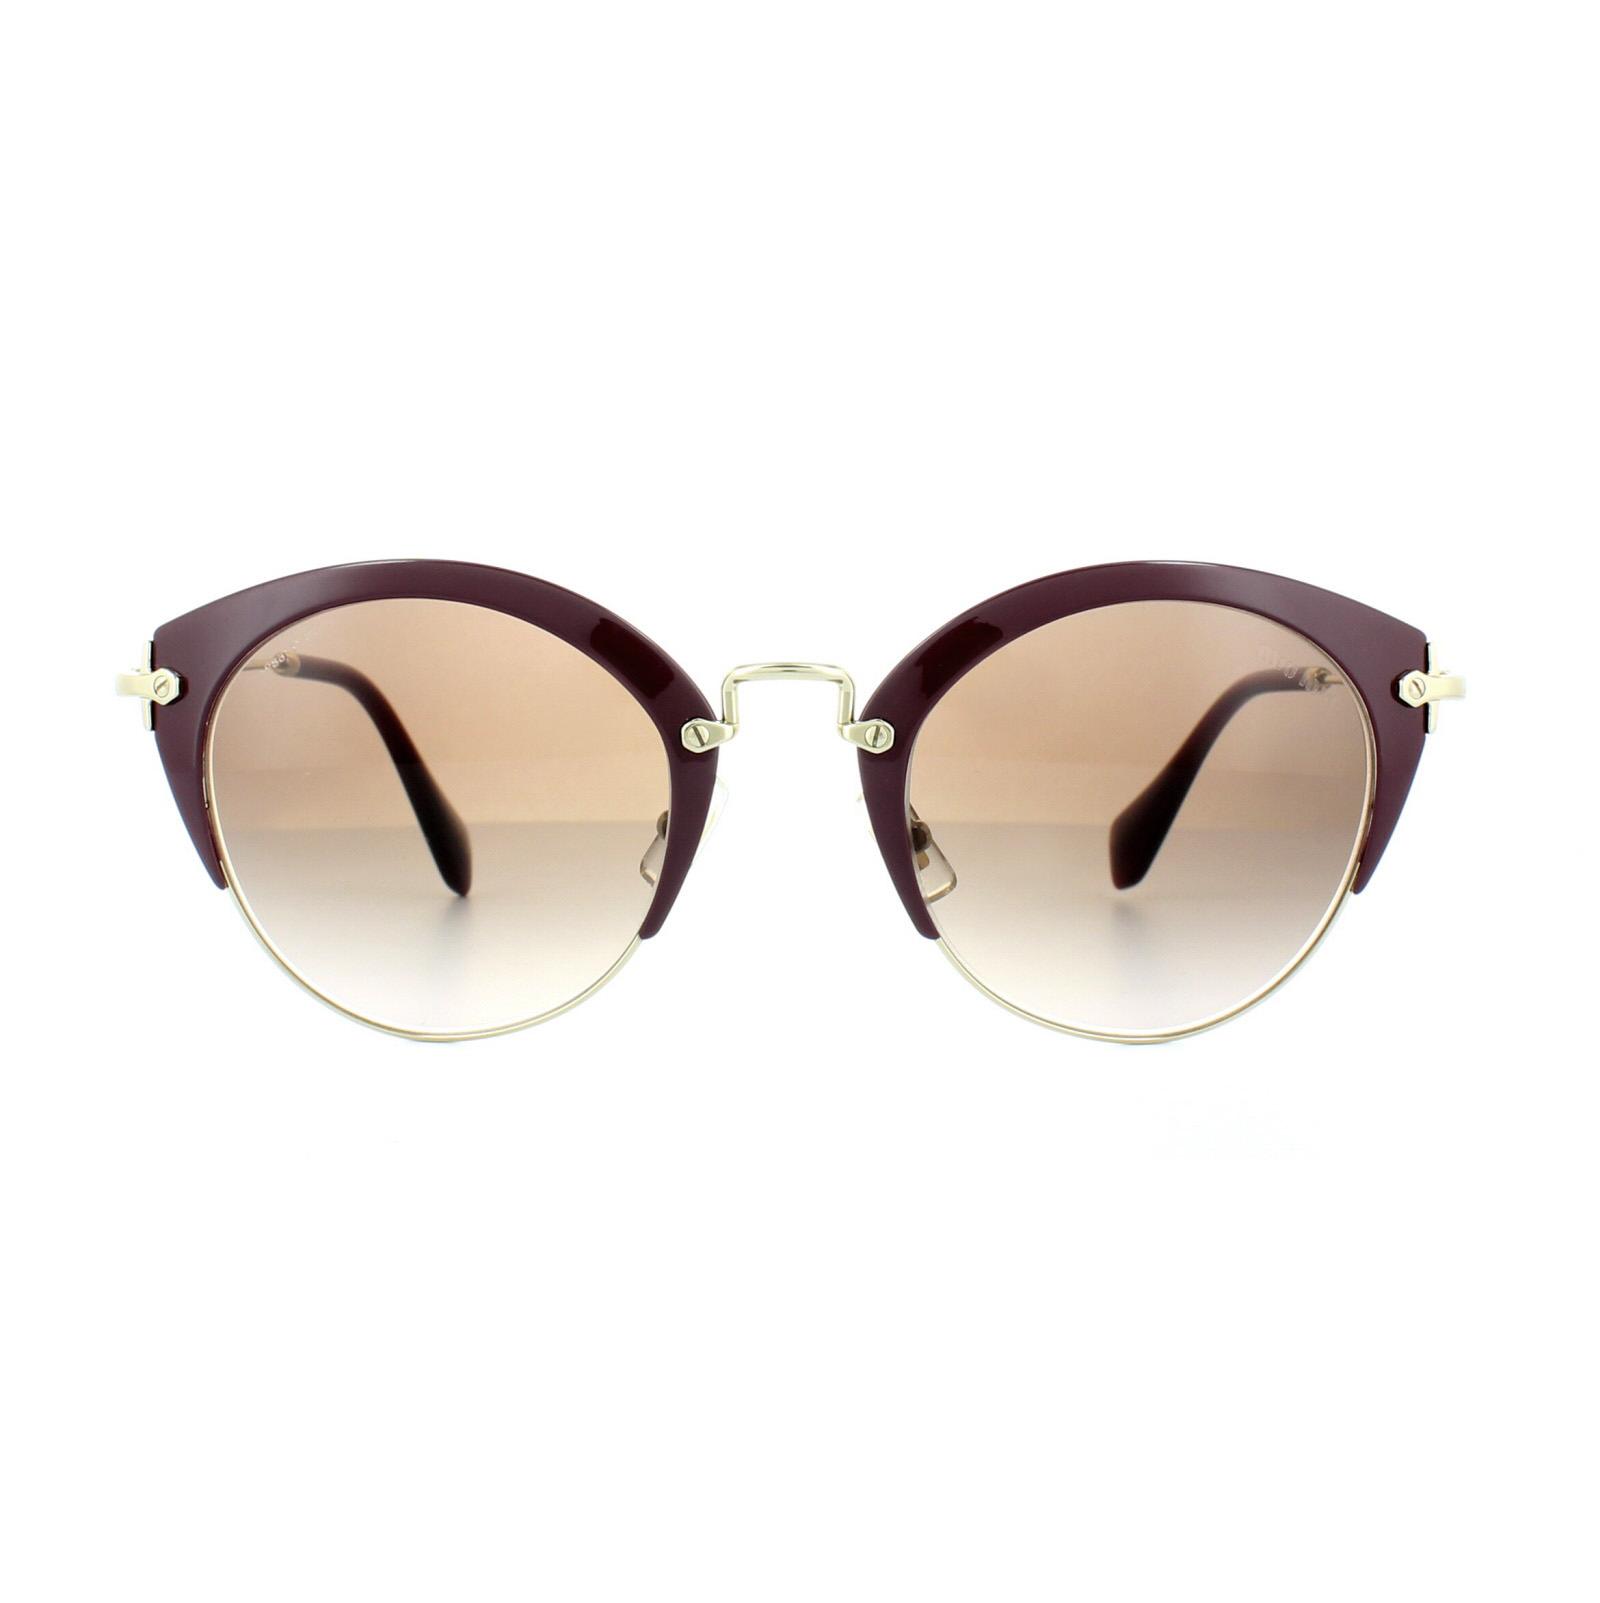 121f31e31ff4 Miu Miu 53RS Sunglasses Thumbnail 1 Miu Miu 53RS Sunglasses Thumbnail 2 ...